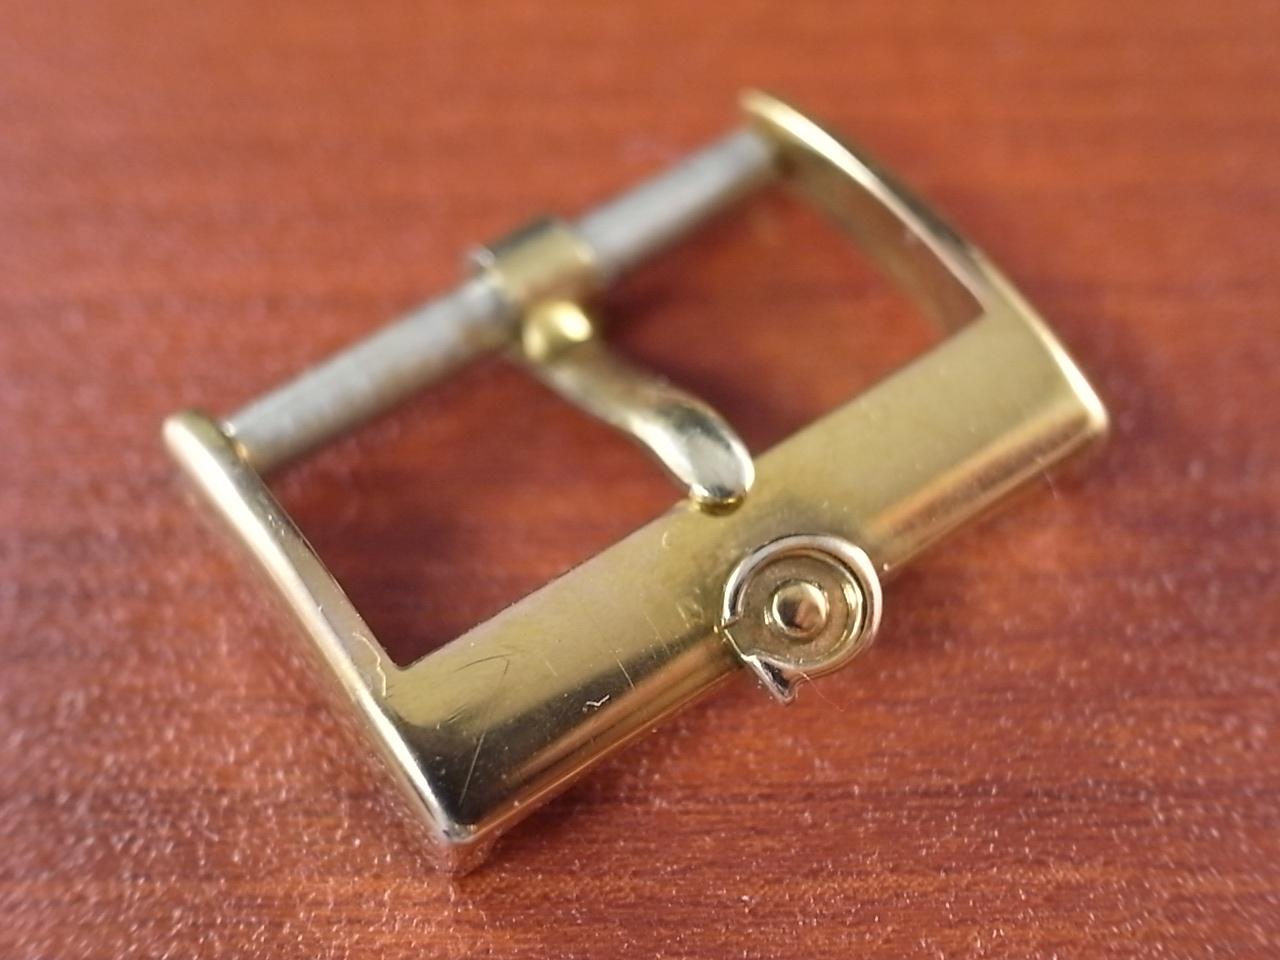 シーマ アンティーク尾錠 GP 16mm 1950年代のメイン写真